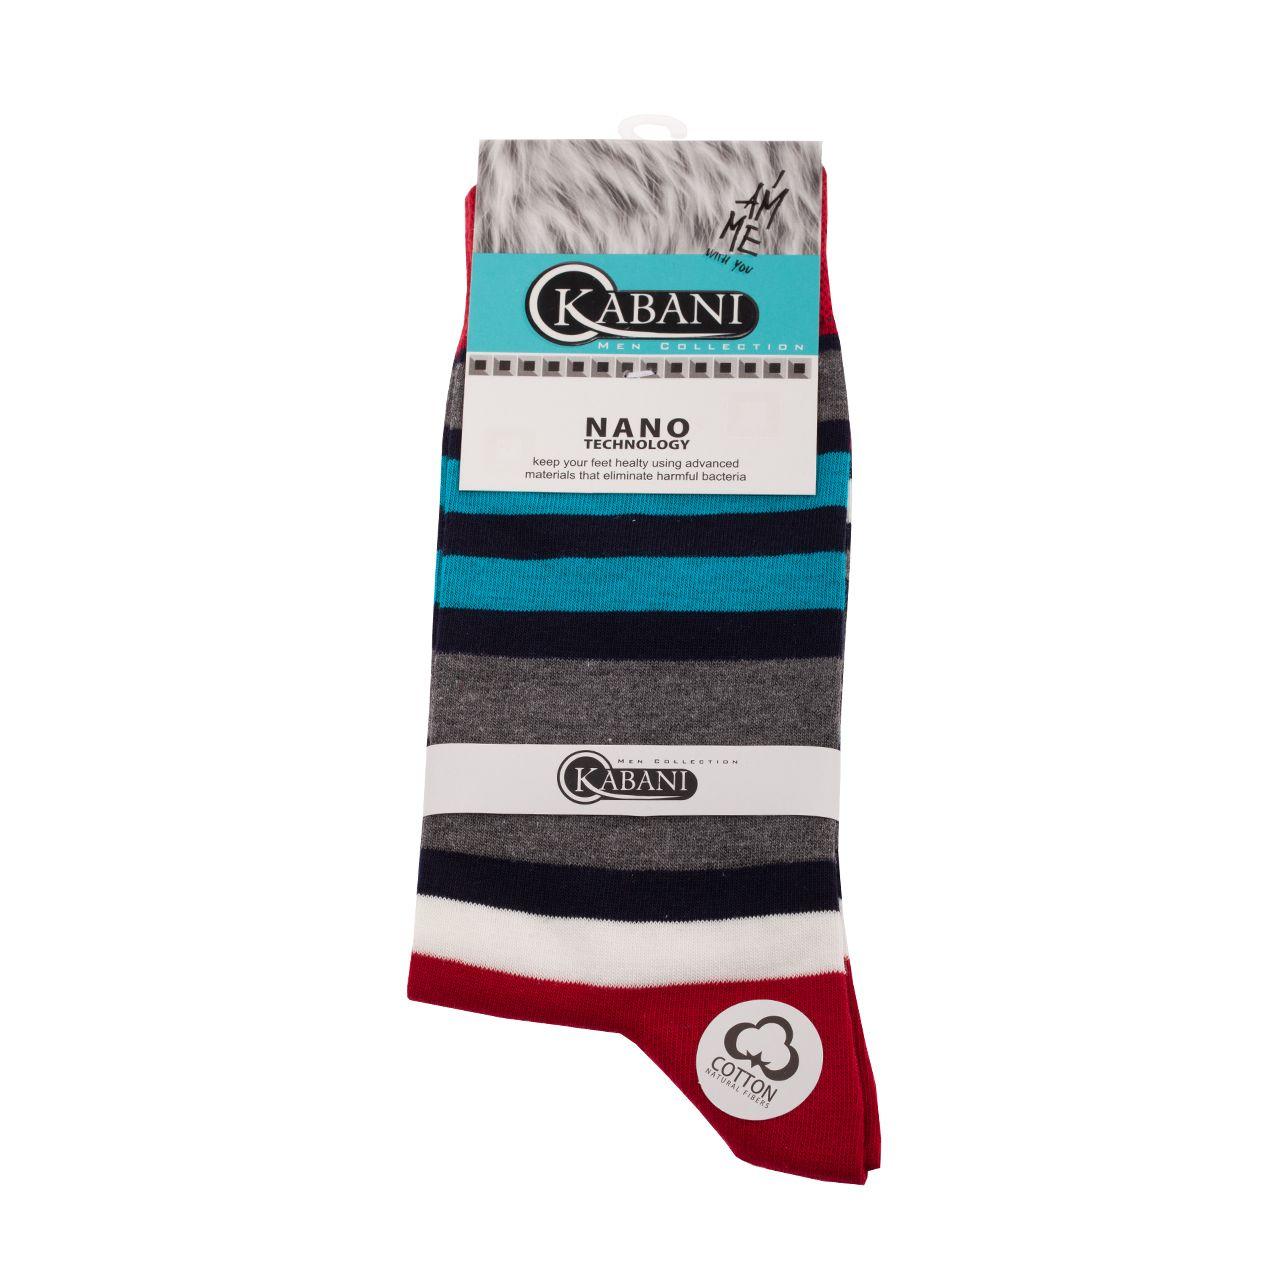 جوراب مردانه کابانی مدل SAJ2020 کد 108 -  - 3